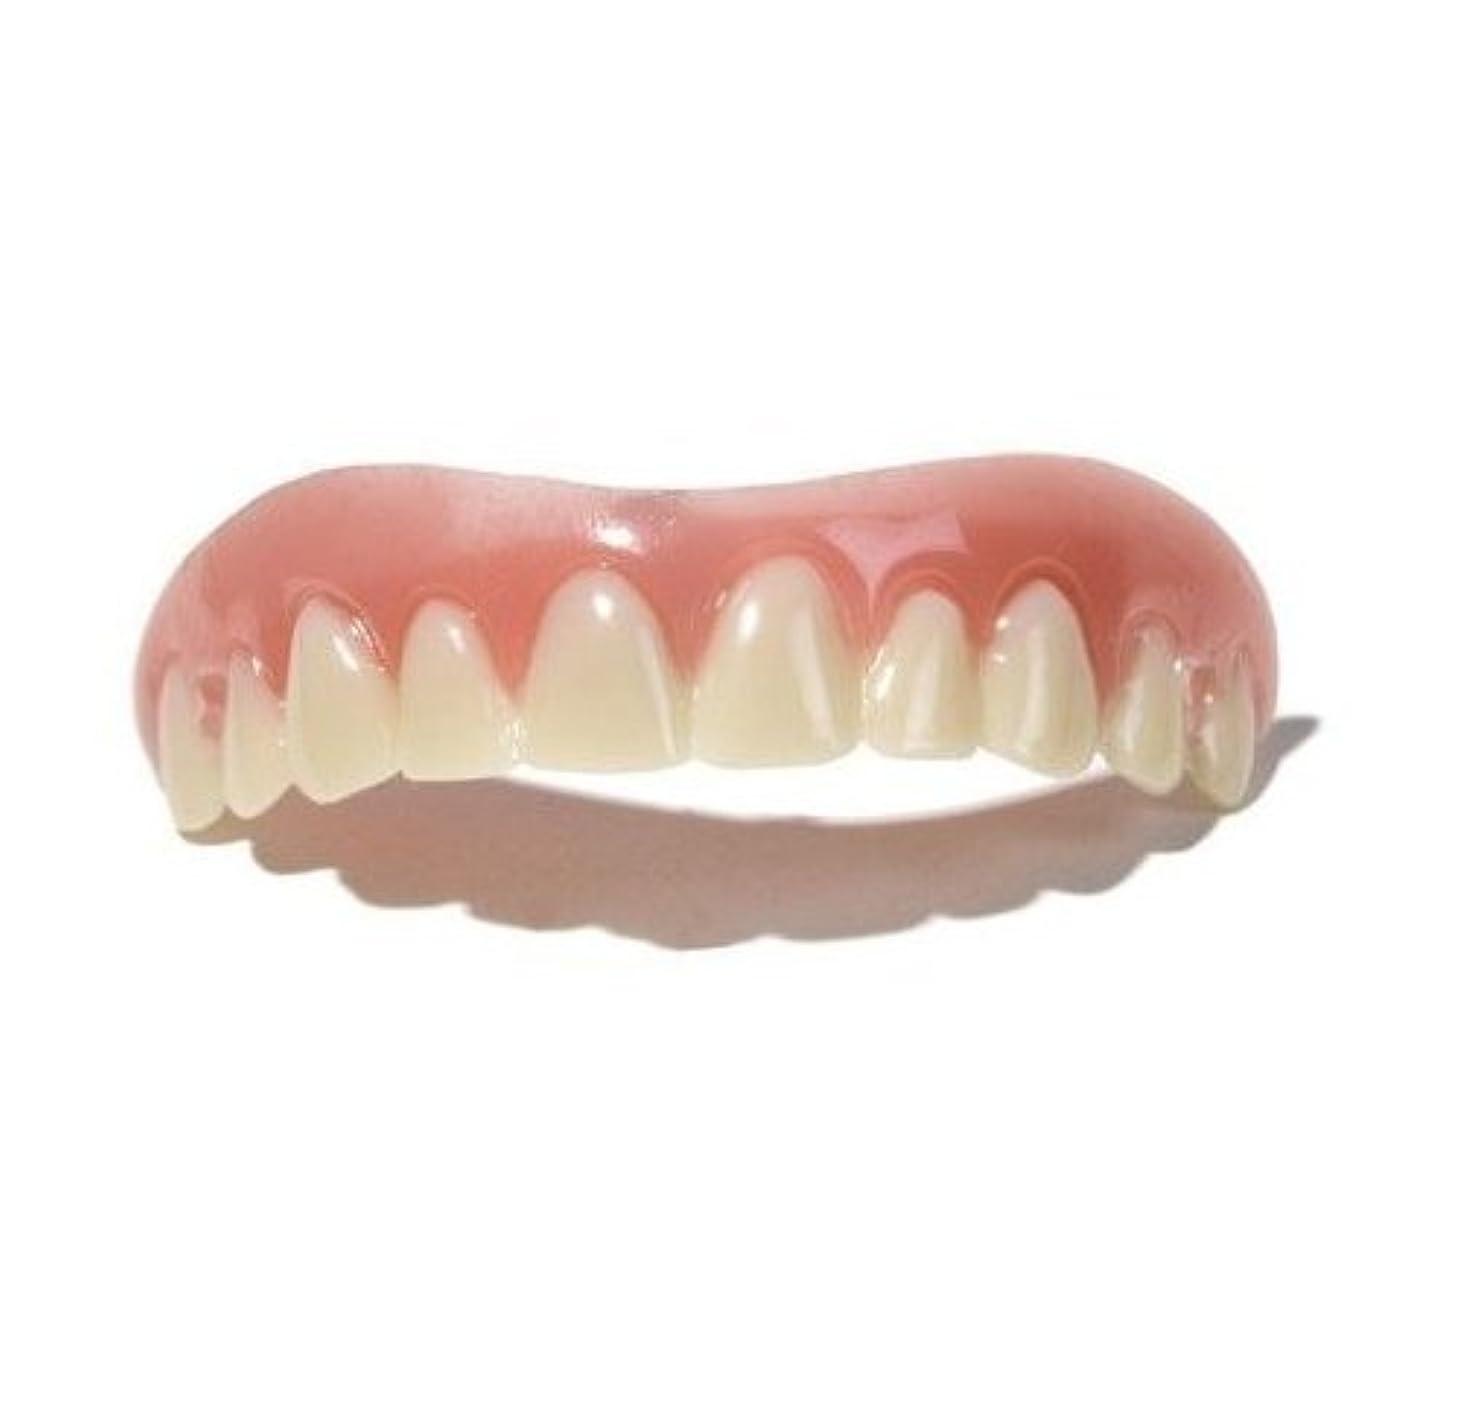 かるペルソナ肖像画インスタント 美容 つけ歯 上歯(free size (Medium)) [並行輸入品]